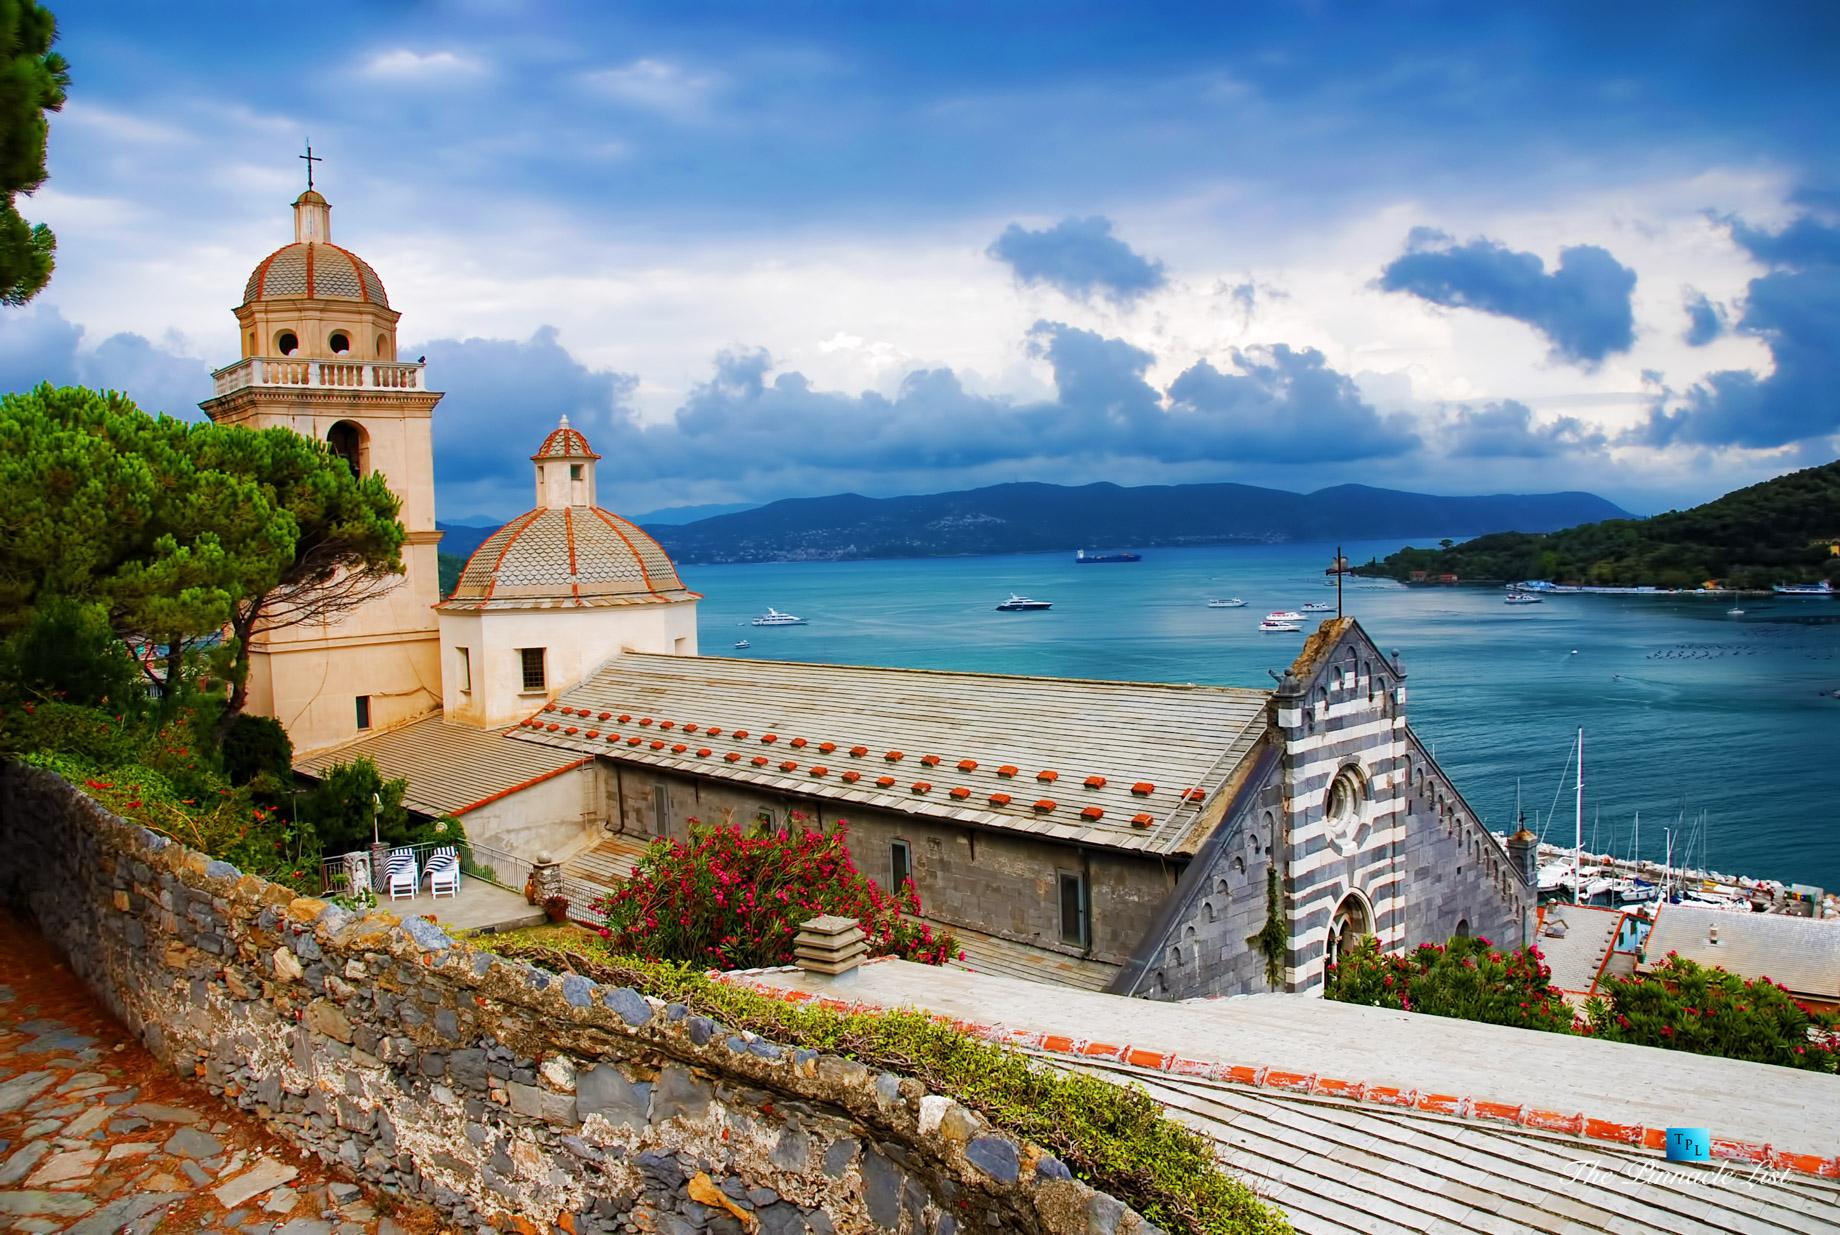 Romanesque Church of St. Lawrence - Portovenere, La Spezia, Liguria - Italy's Hidden Treasure